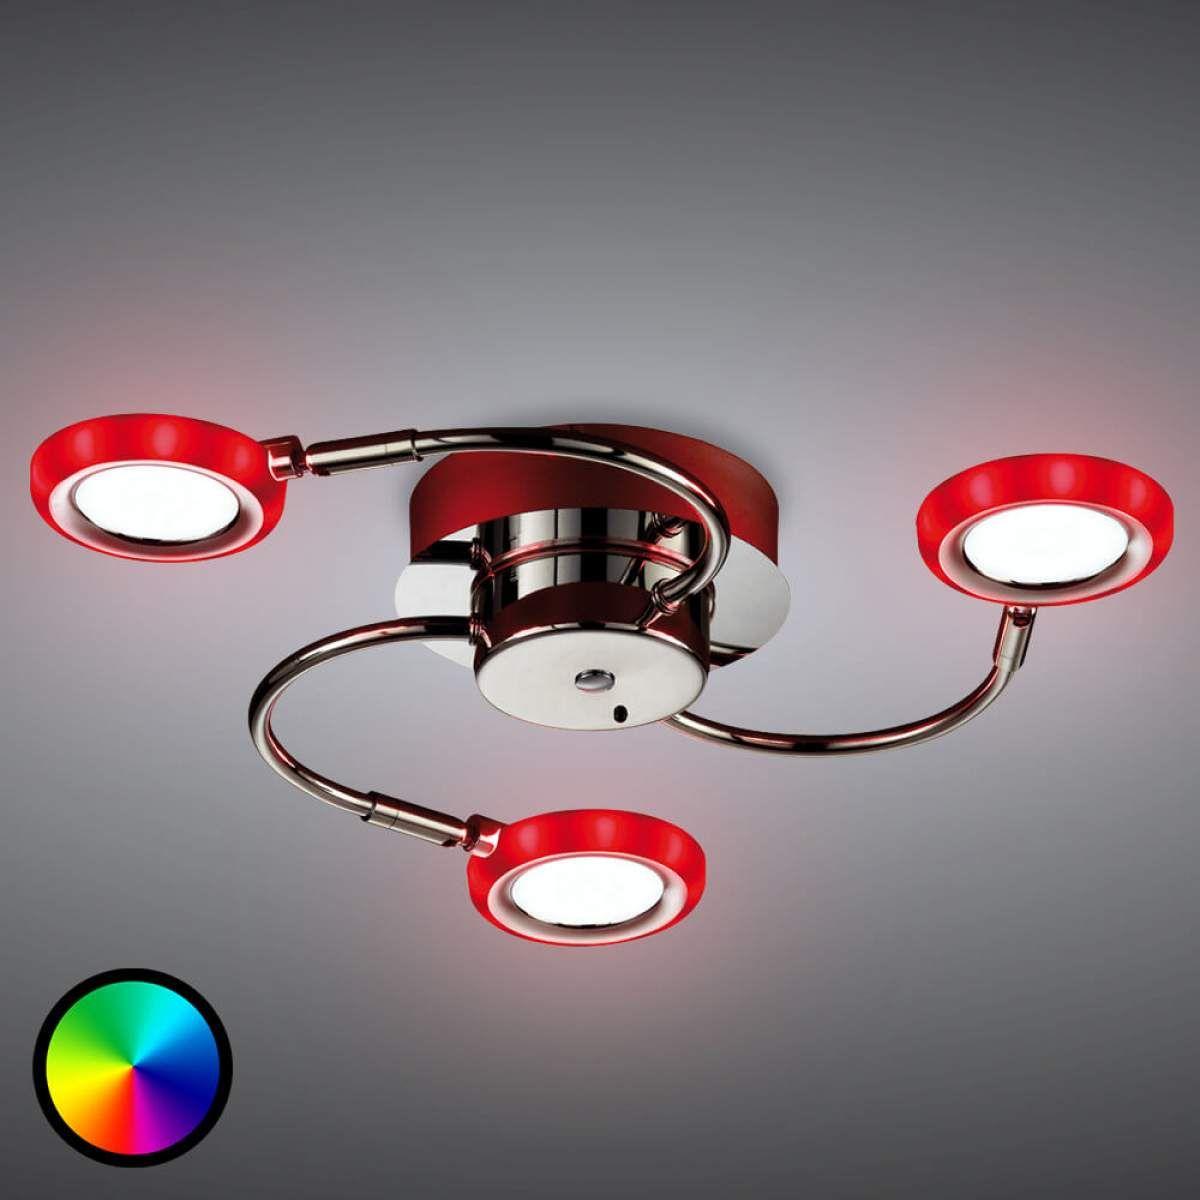 LED Deckenleuchte Turner, 3 flammig   Led deckenleuchte